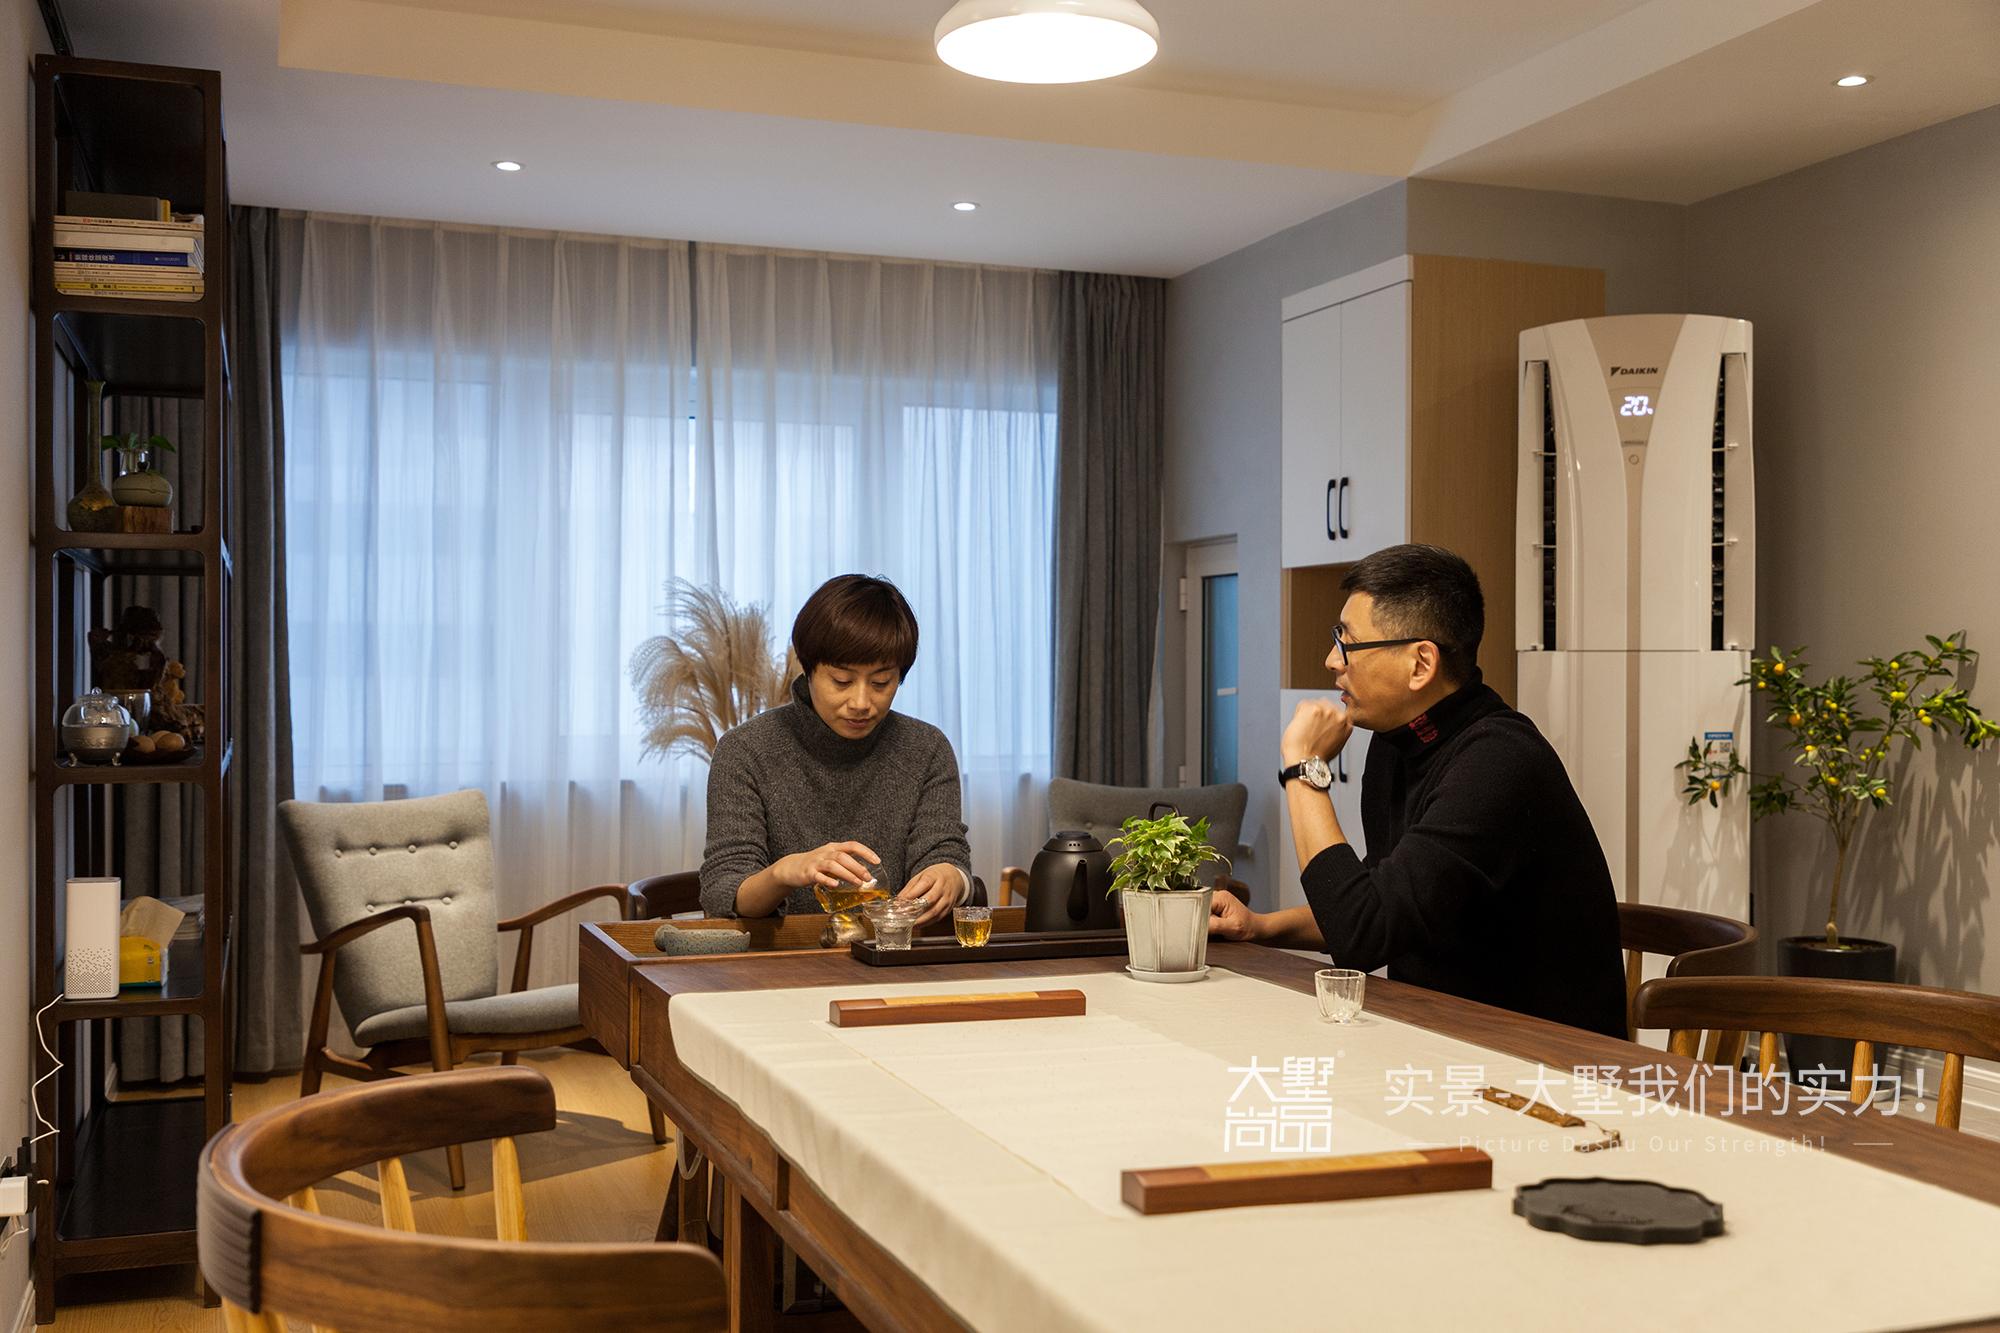 悠雅37平北欧小户型客厅效果图客厅北欧极简客厅设计图片赏析